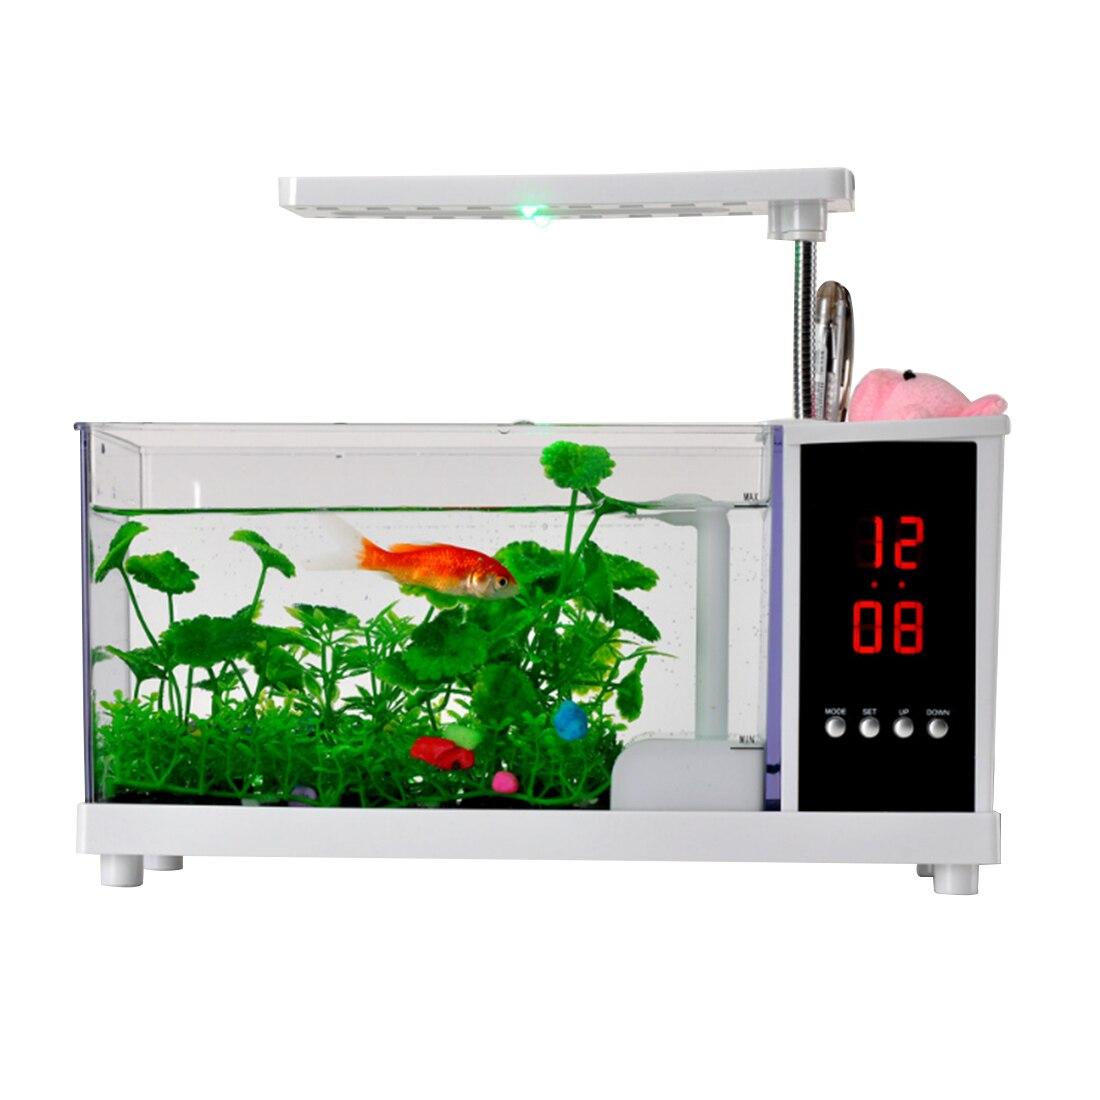 Mini Aquarium créatif multifonction alimenté par USB avec fonction réveil